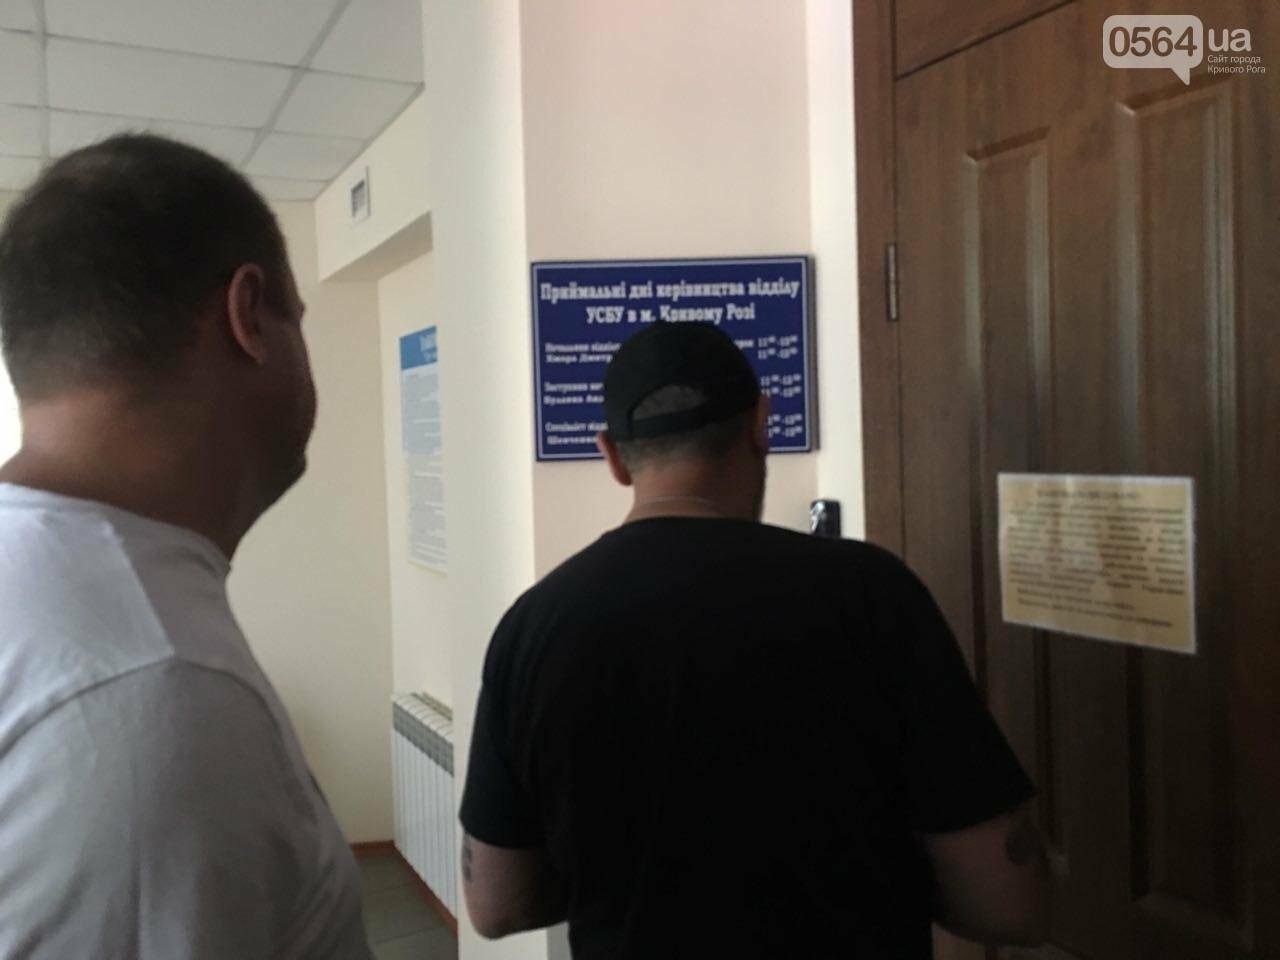 Криворожане передали в СБУ заявление с требованием проверить организации, которые возглавлял Островский, - ФОТО, фото-9